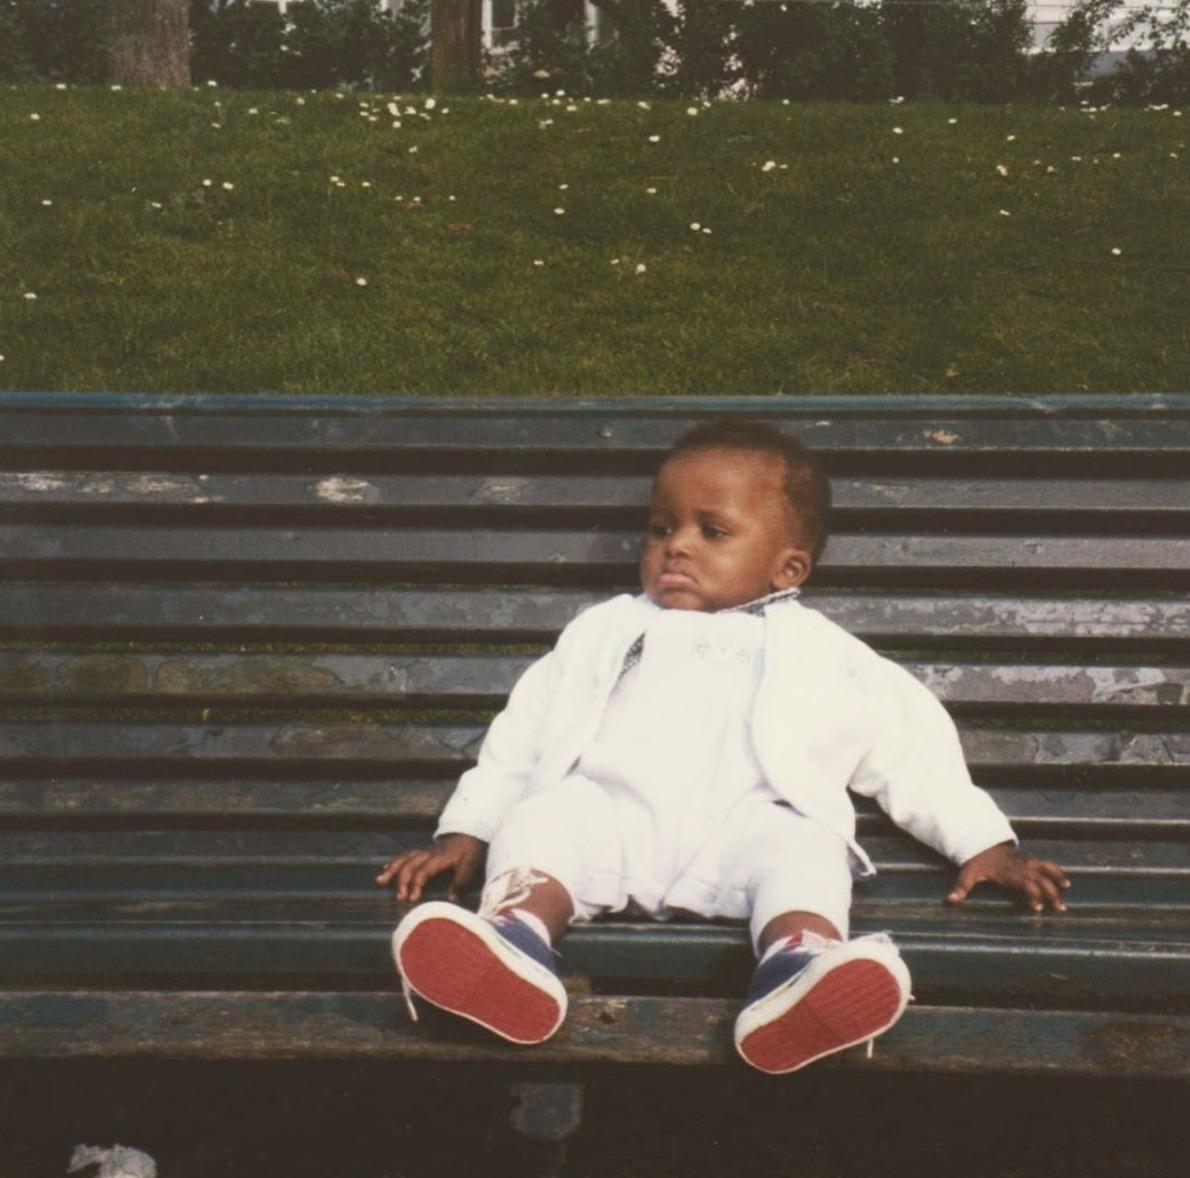 尼利基纳晒自己幼儿照:感激又长大了一岁